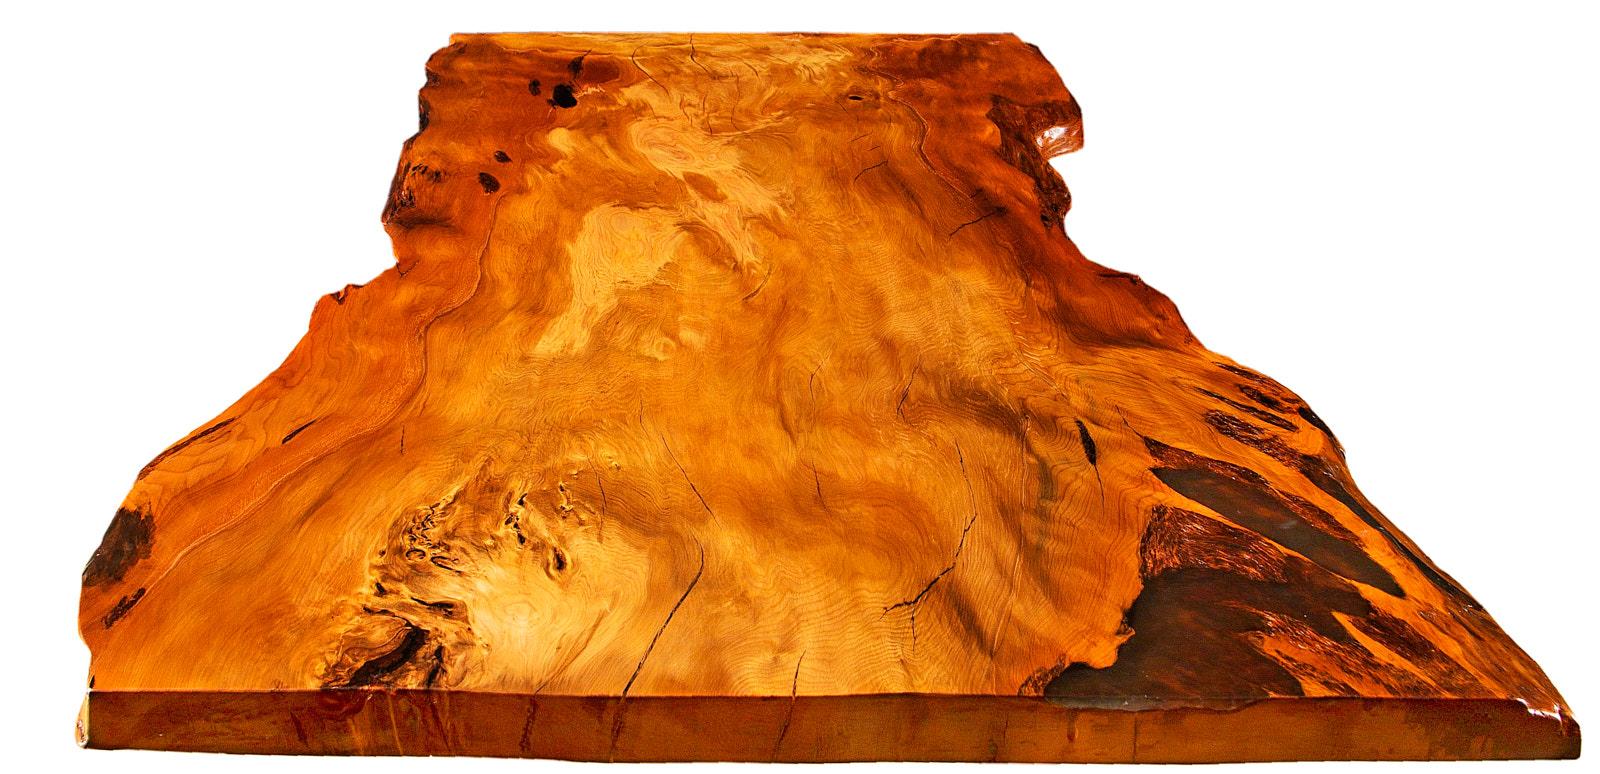 Natürliche massive Baumstamm Tischplatte des exklusiven Kauri Esstisches, Holztisch mit unverwechselbaren Naturkanten